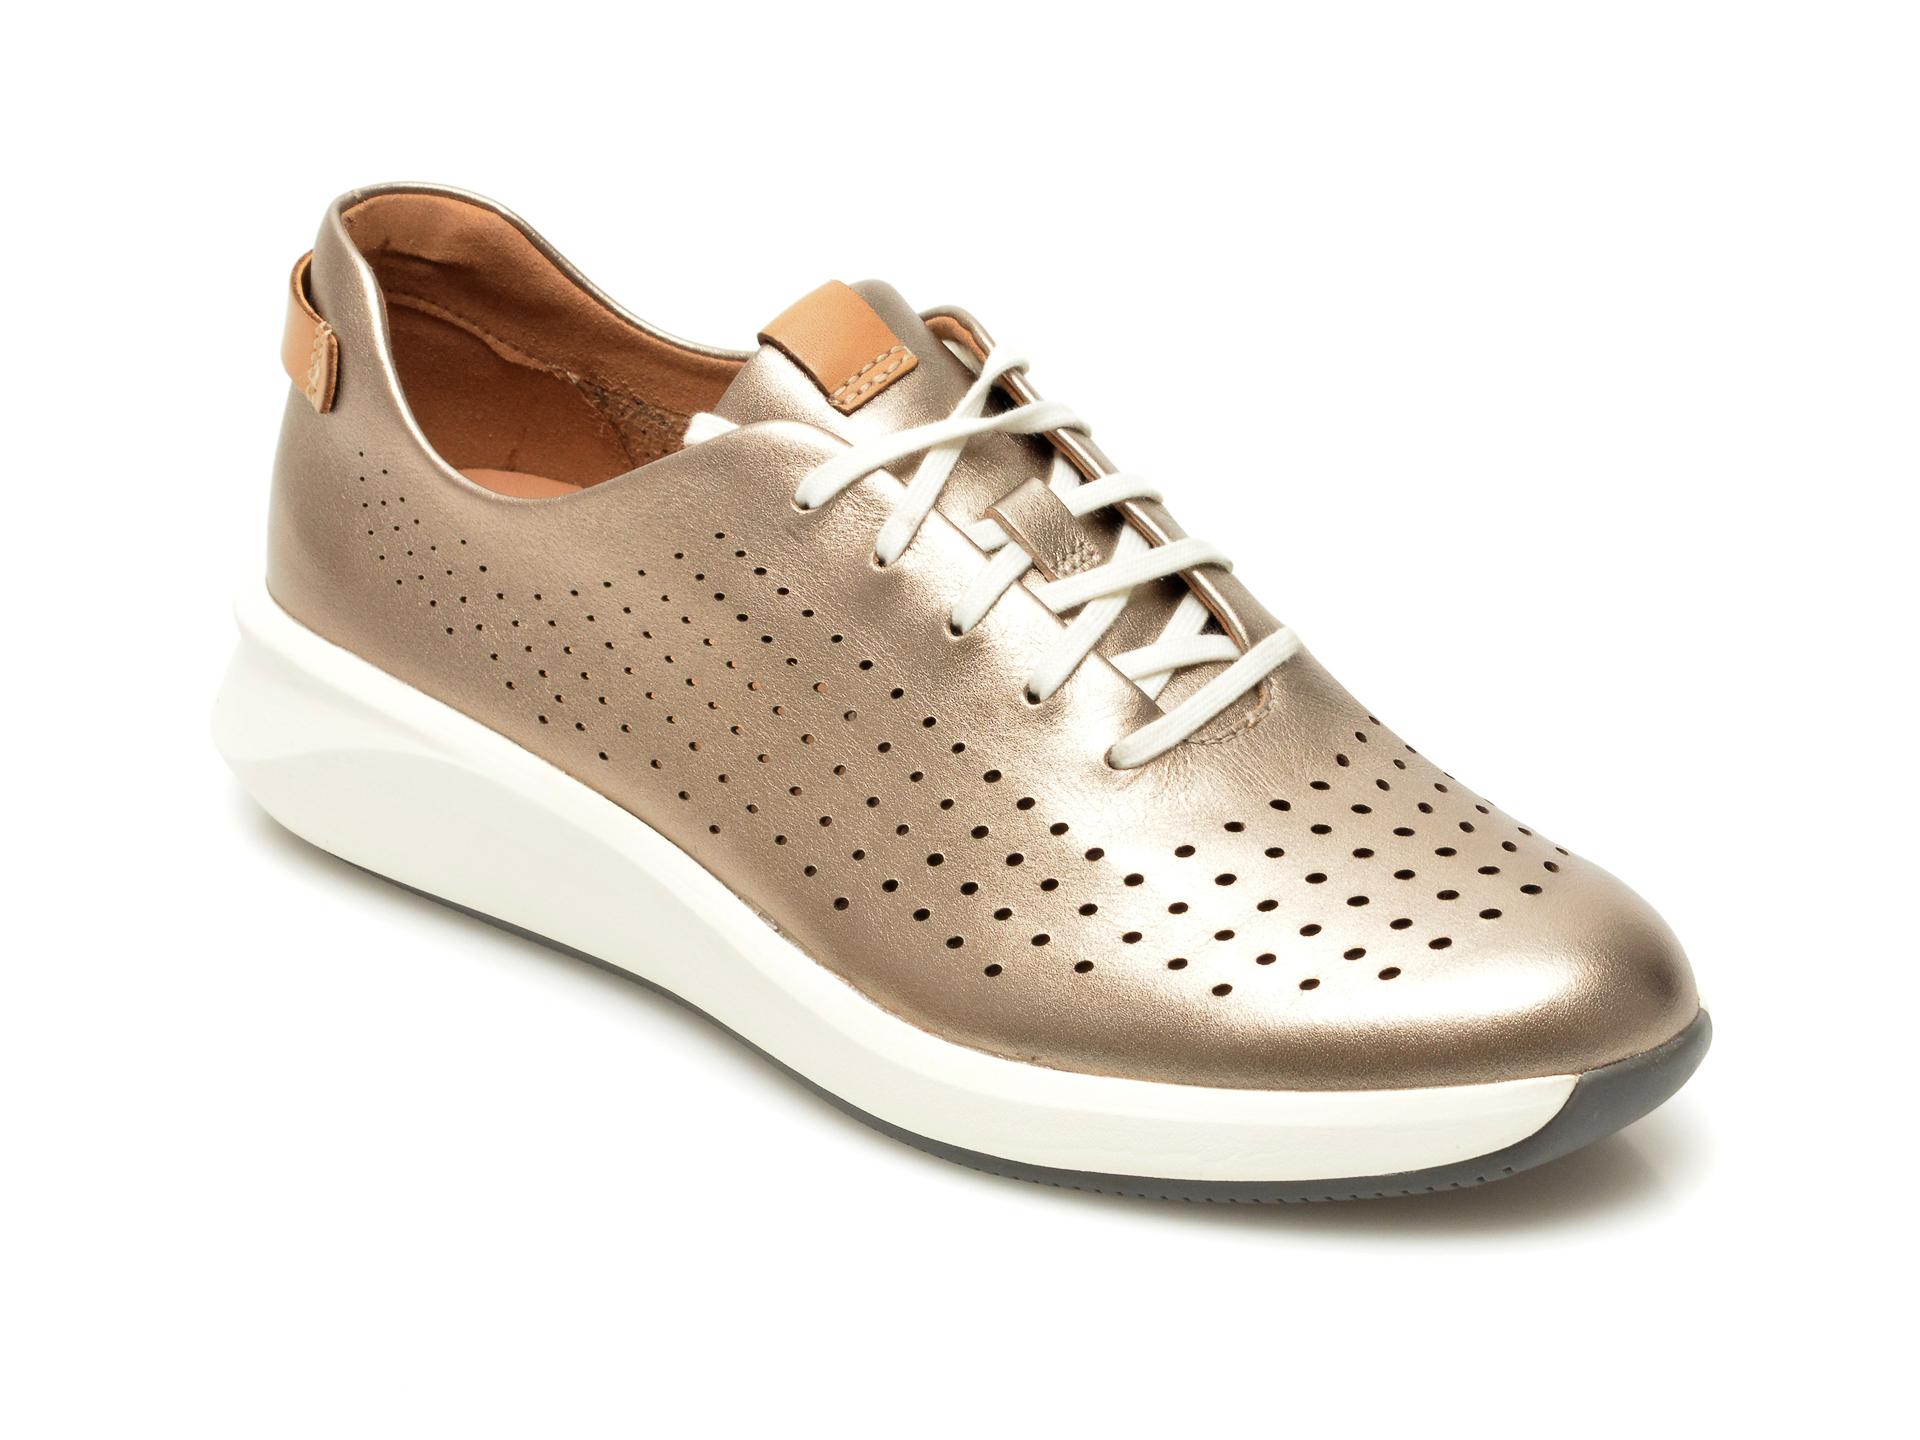 Pantofi CLARKS aurii, Un Rio Tie, din piele naturala